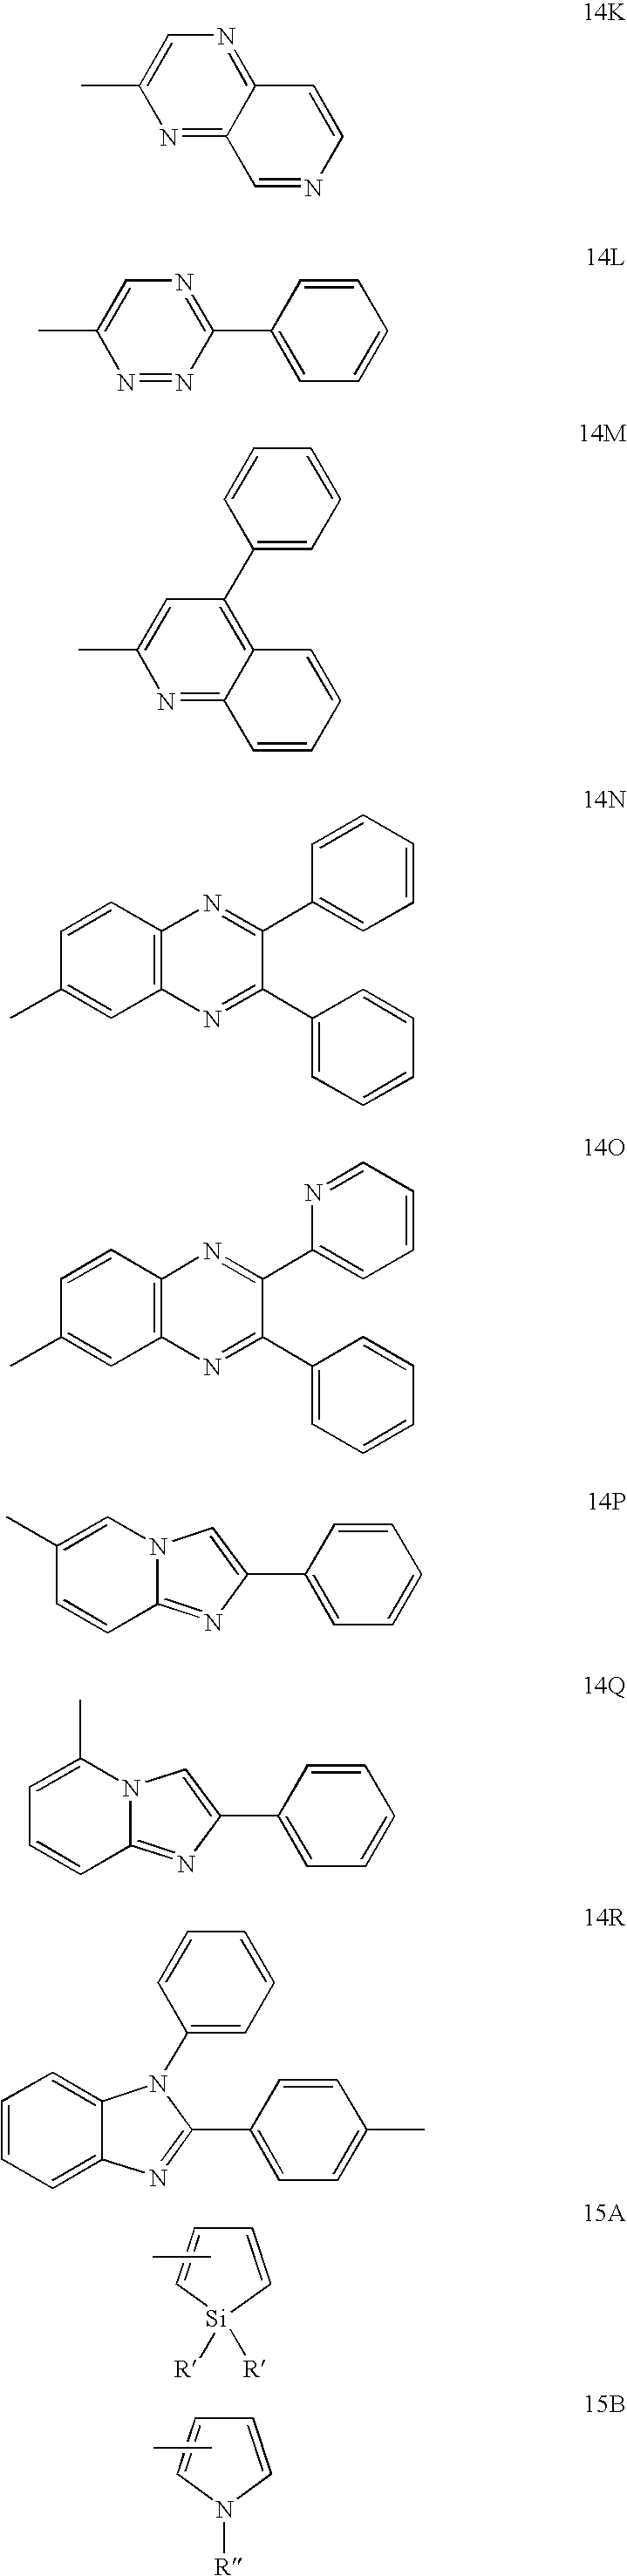 Figure US07875367-20110125-C00060